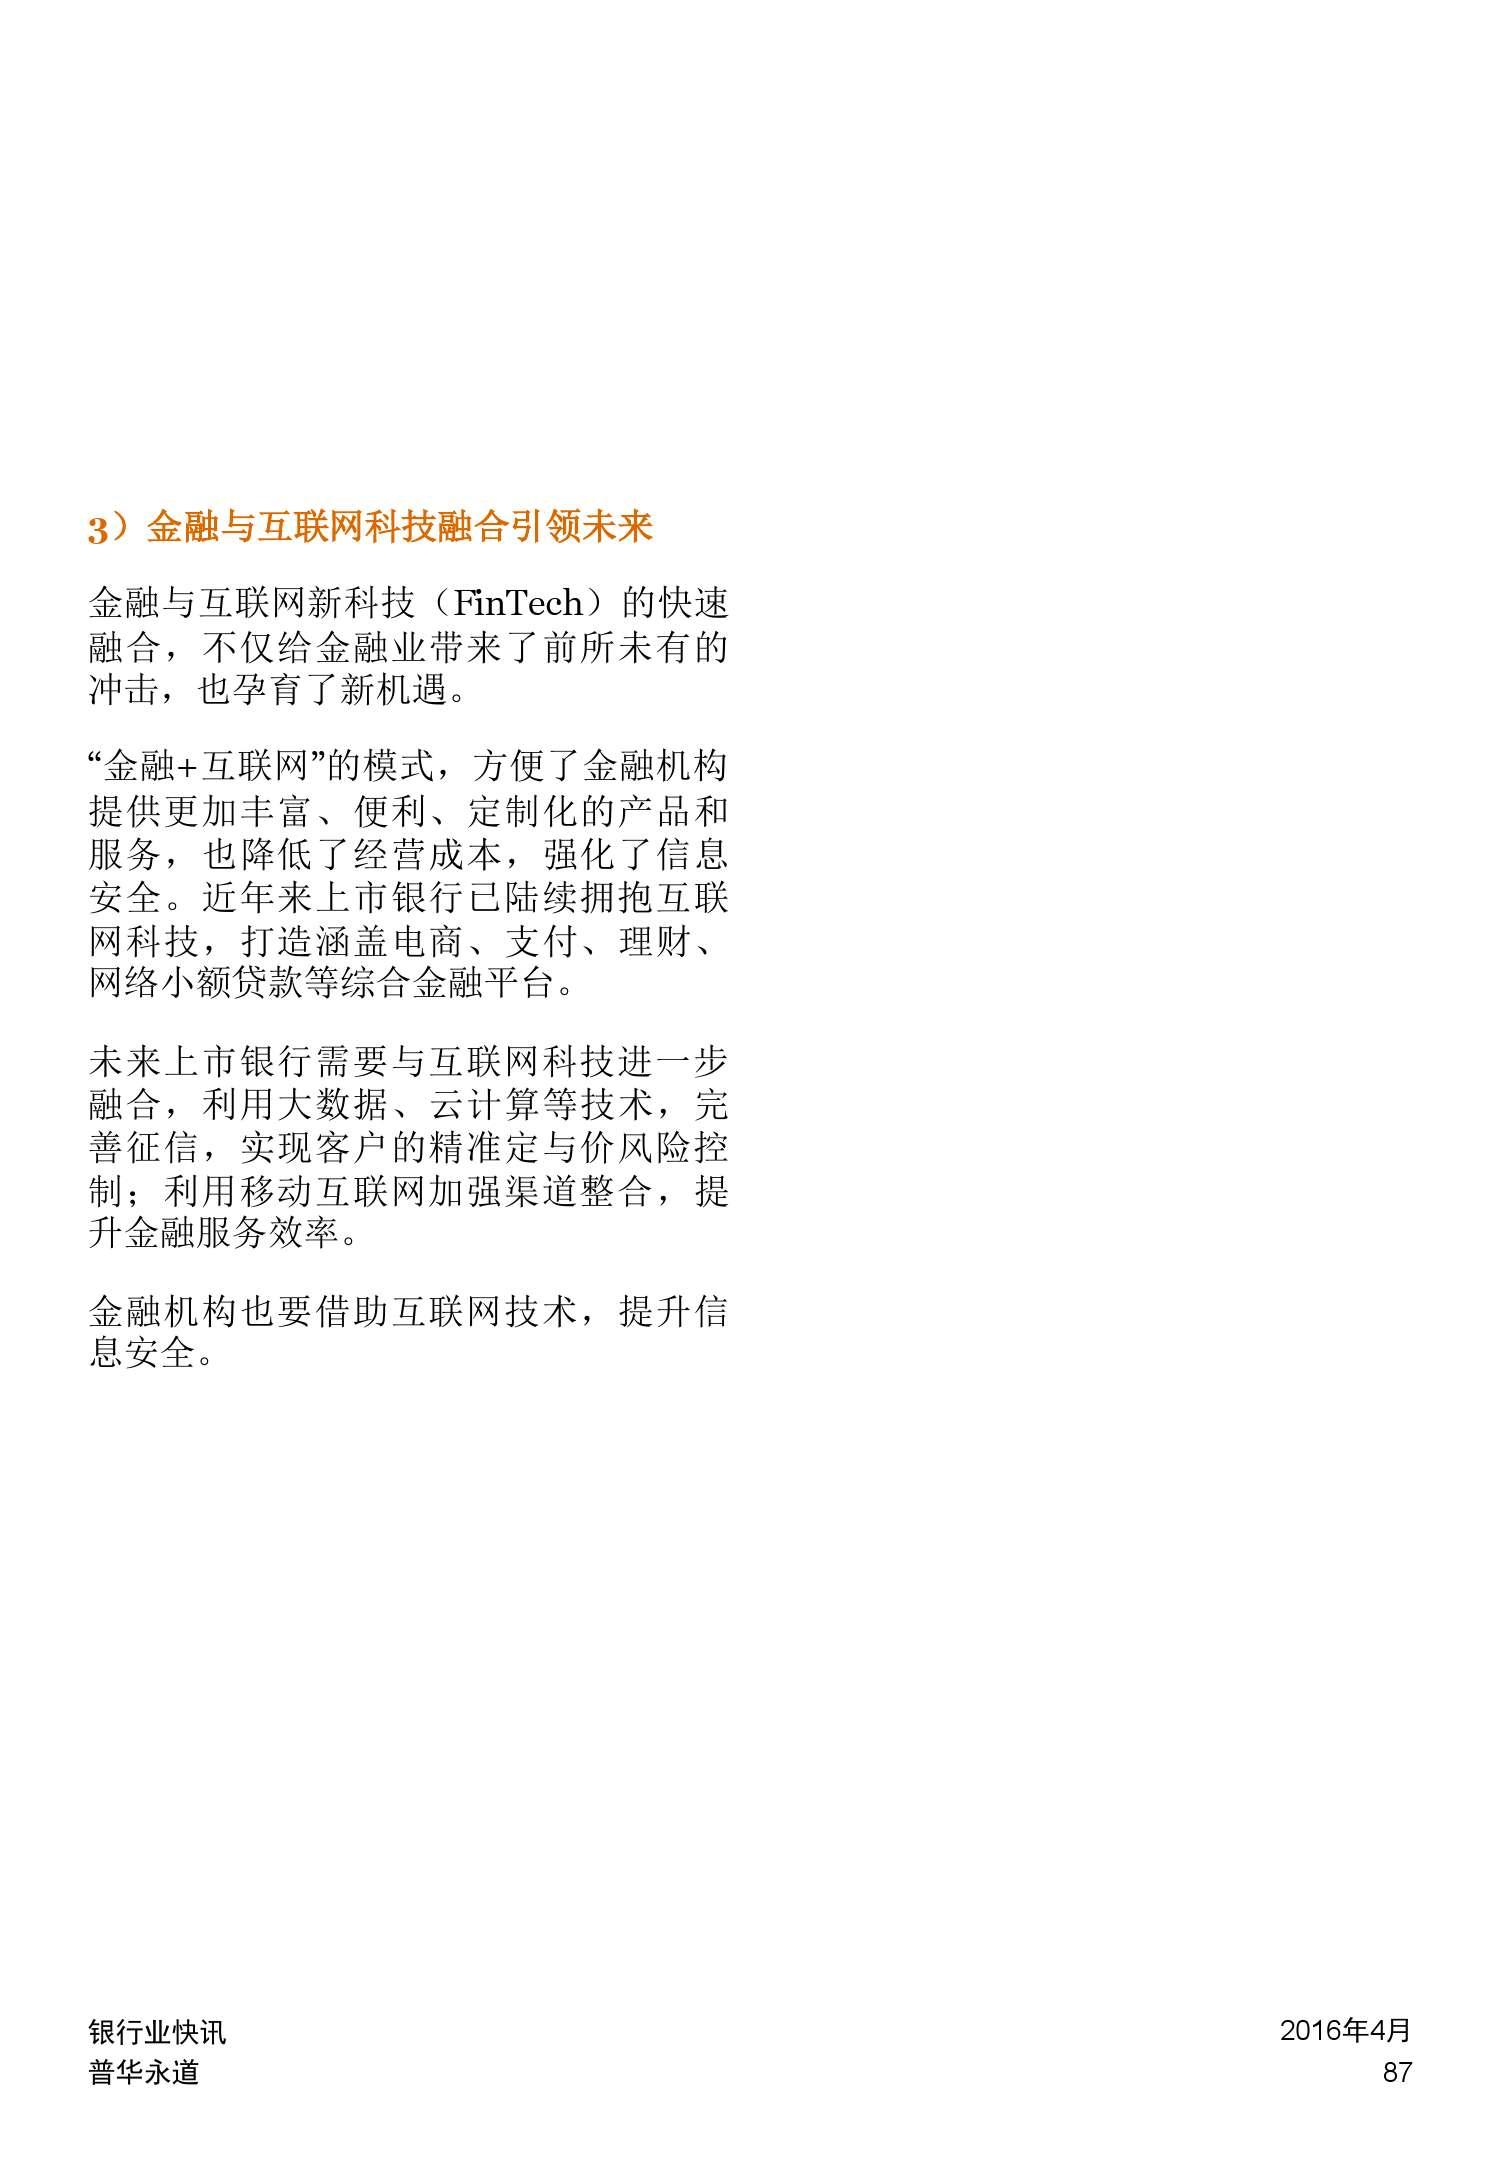 普华永道:2015年中国银行业回顾与展望_000087